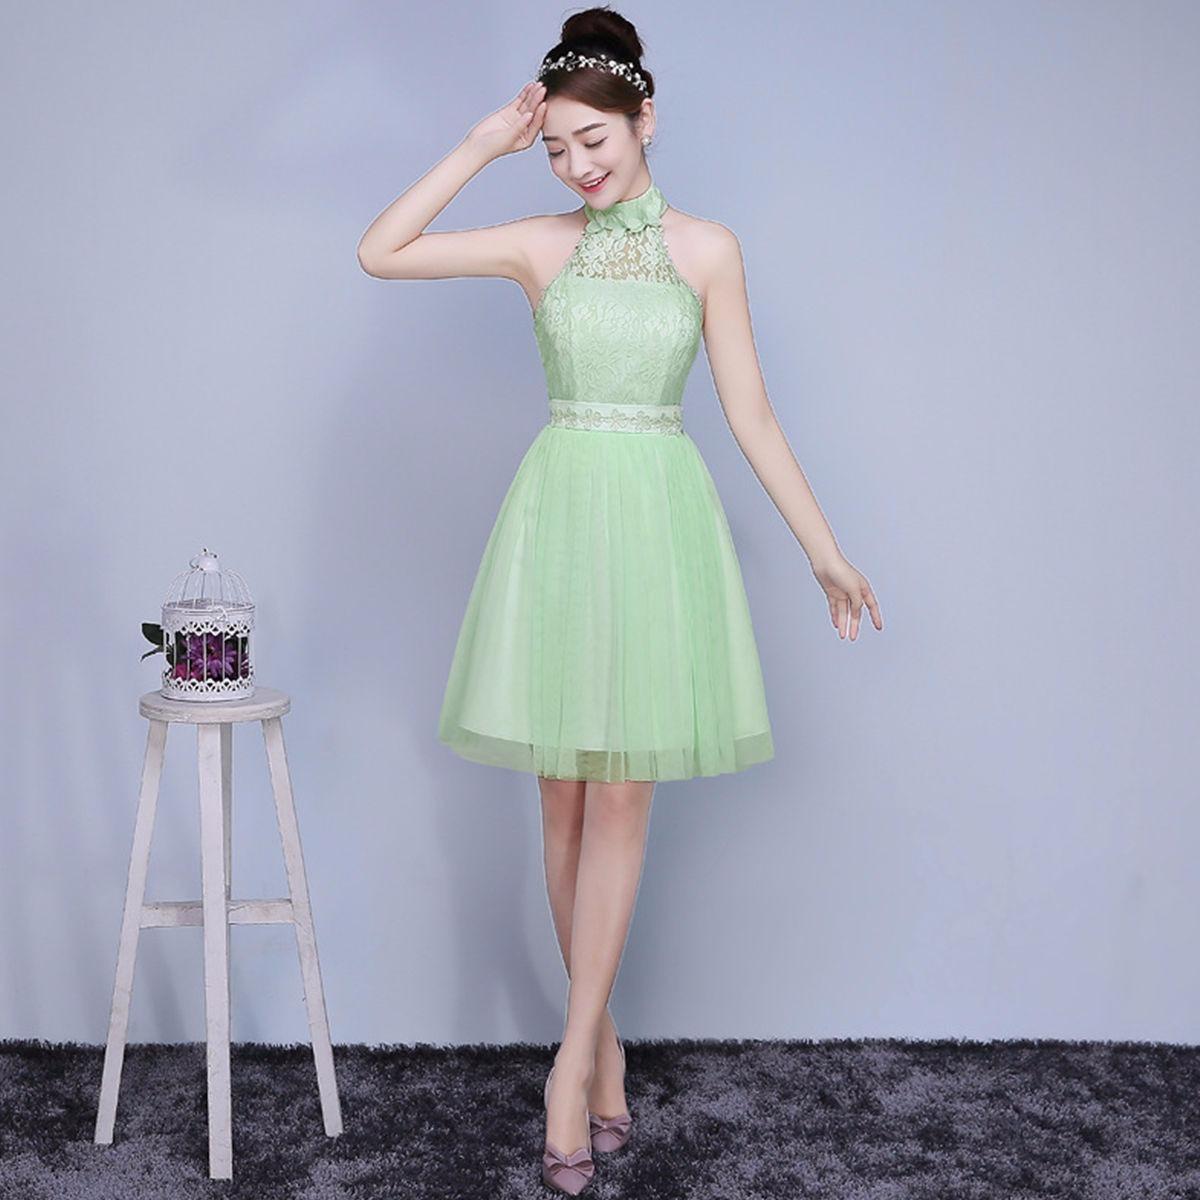 f24e1624539 vestido verde fashion elegante fiesta grados dama de honor. Cargando zoom.